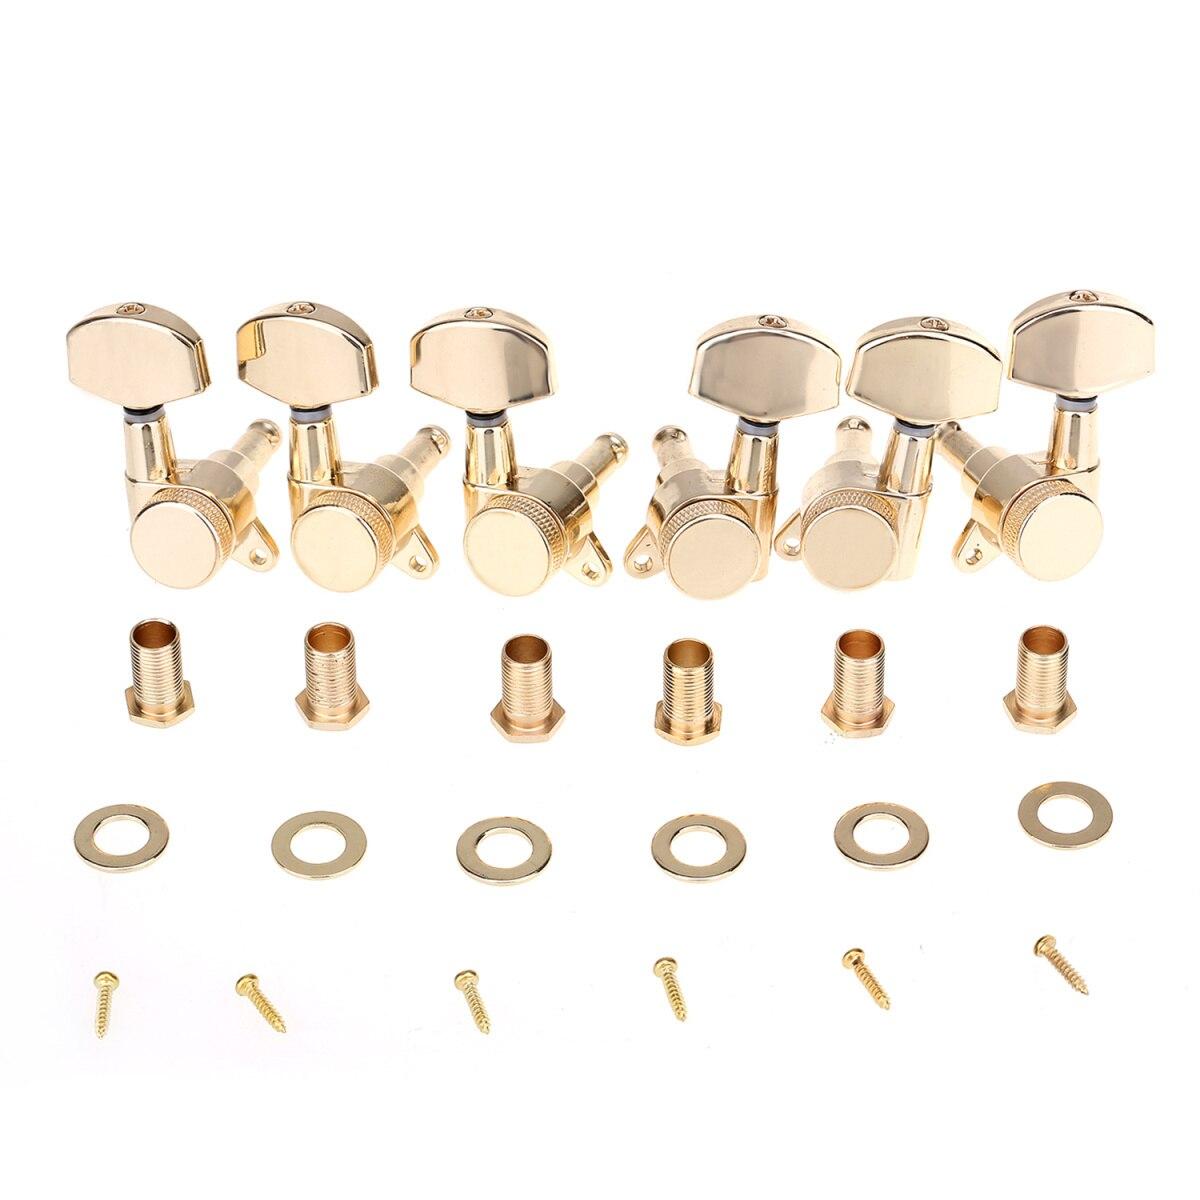 Musiclily Pro 3R3L accordeurs de verrouillage de guitare têtes de Machine réglage chevilles jeu de clés pour guitare électrique ou acoustique, or